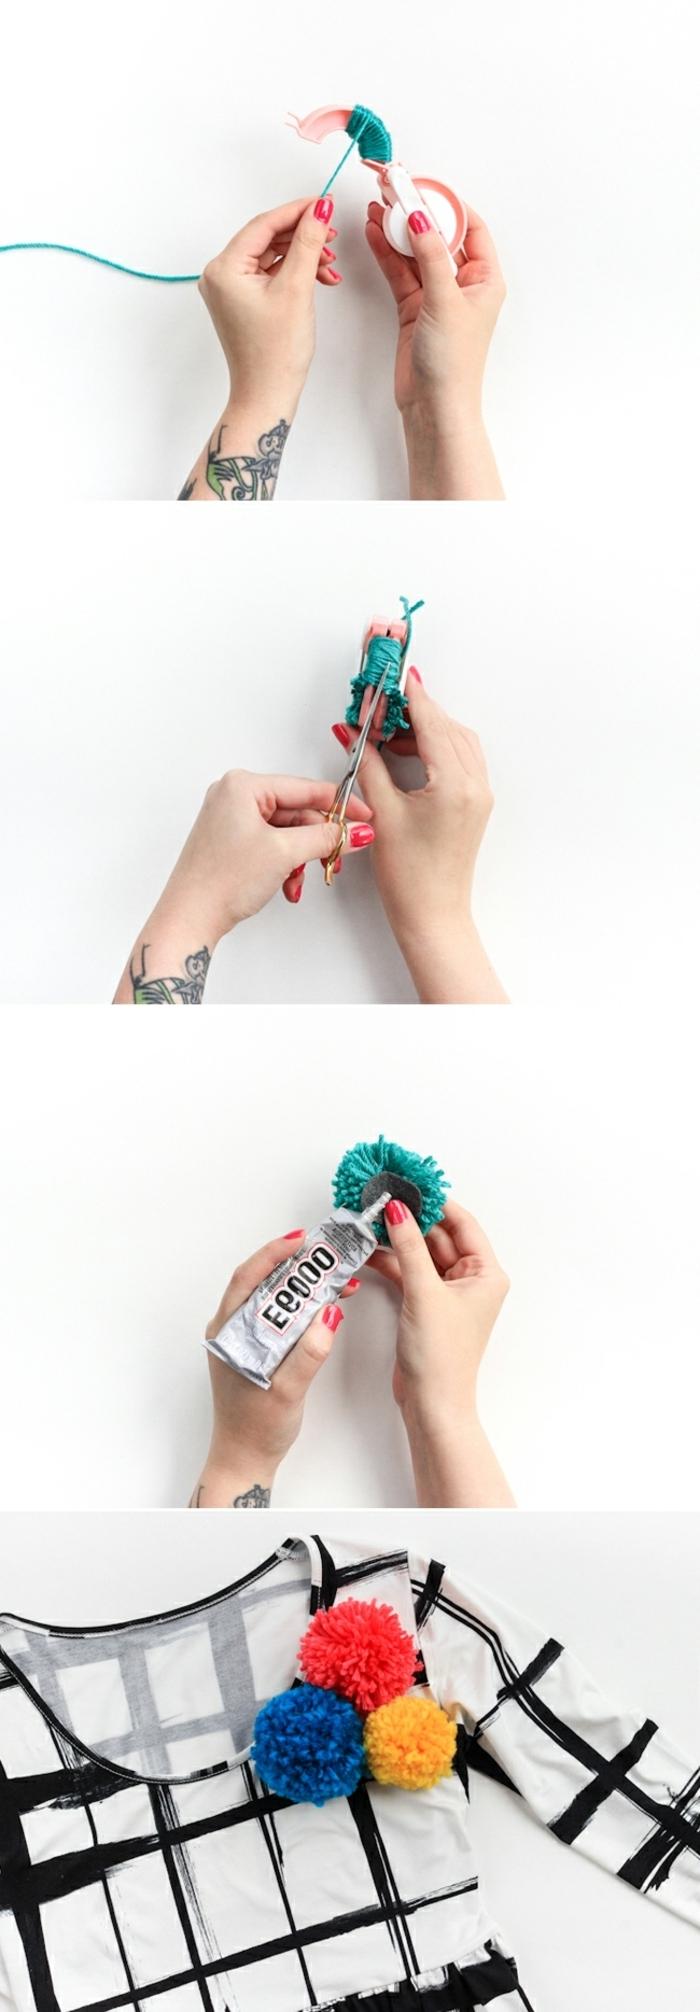 pasos para decorar un vestido con pompones de lana, manualidades con pompones fáciles de hacer y divertidas